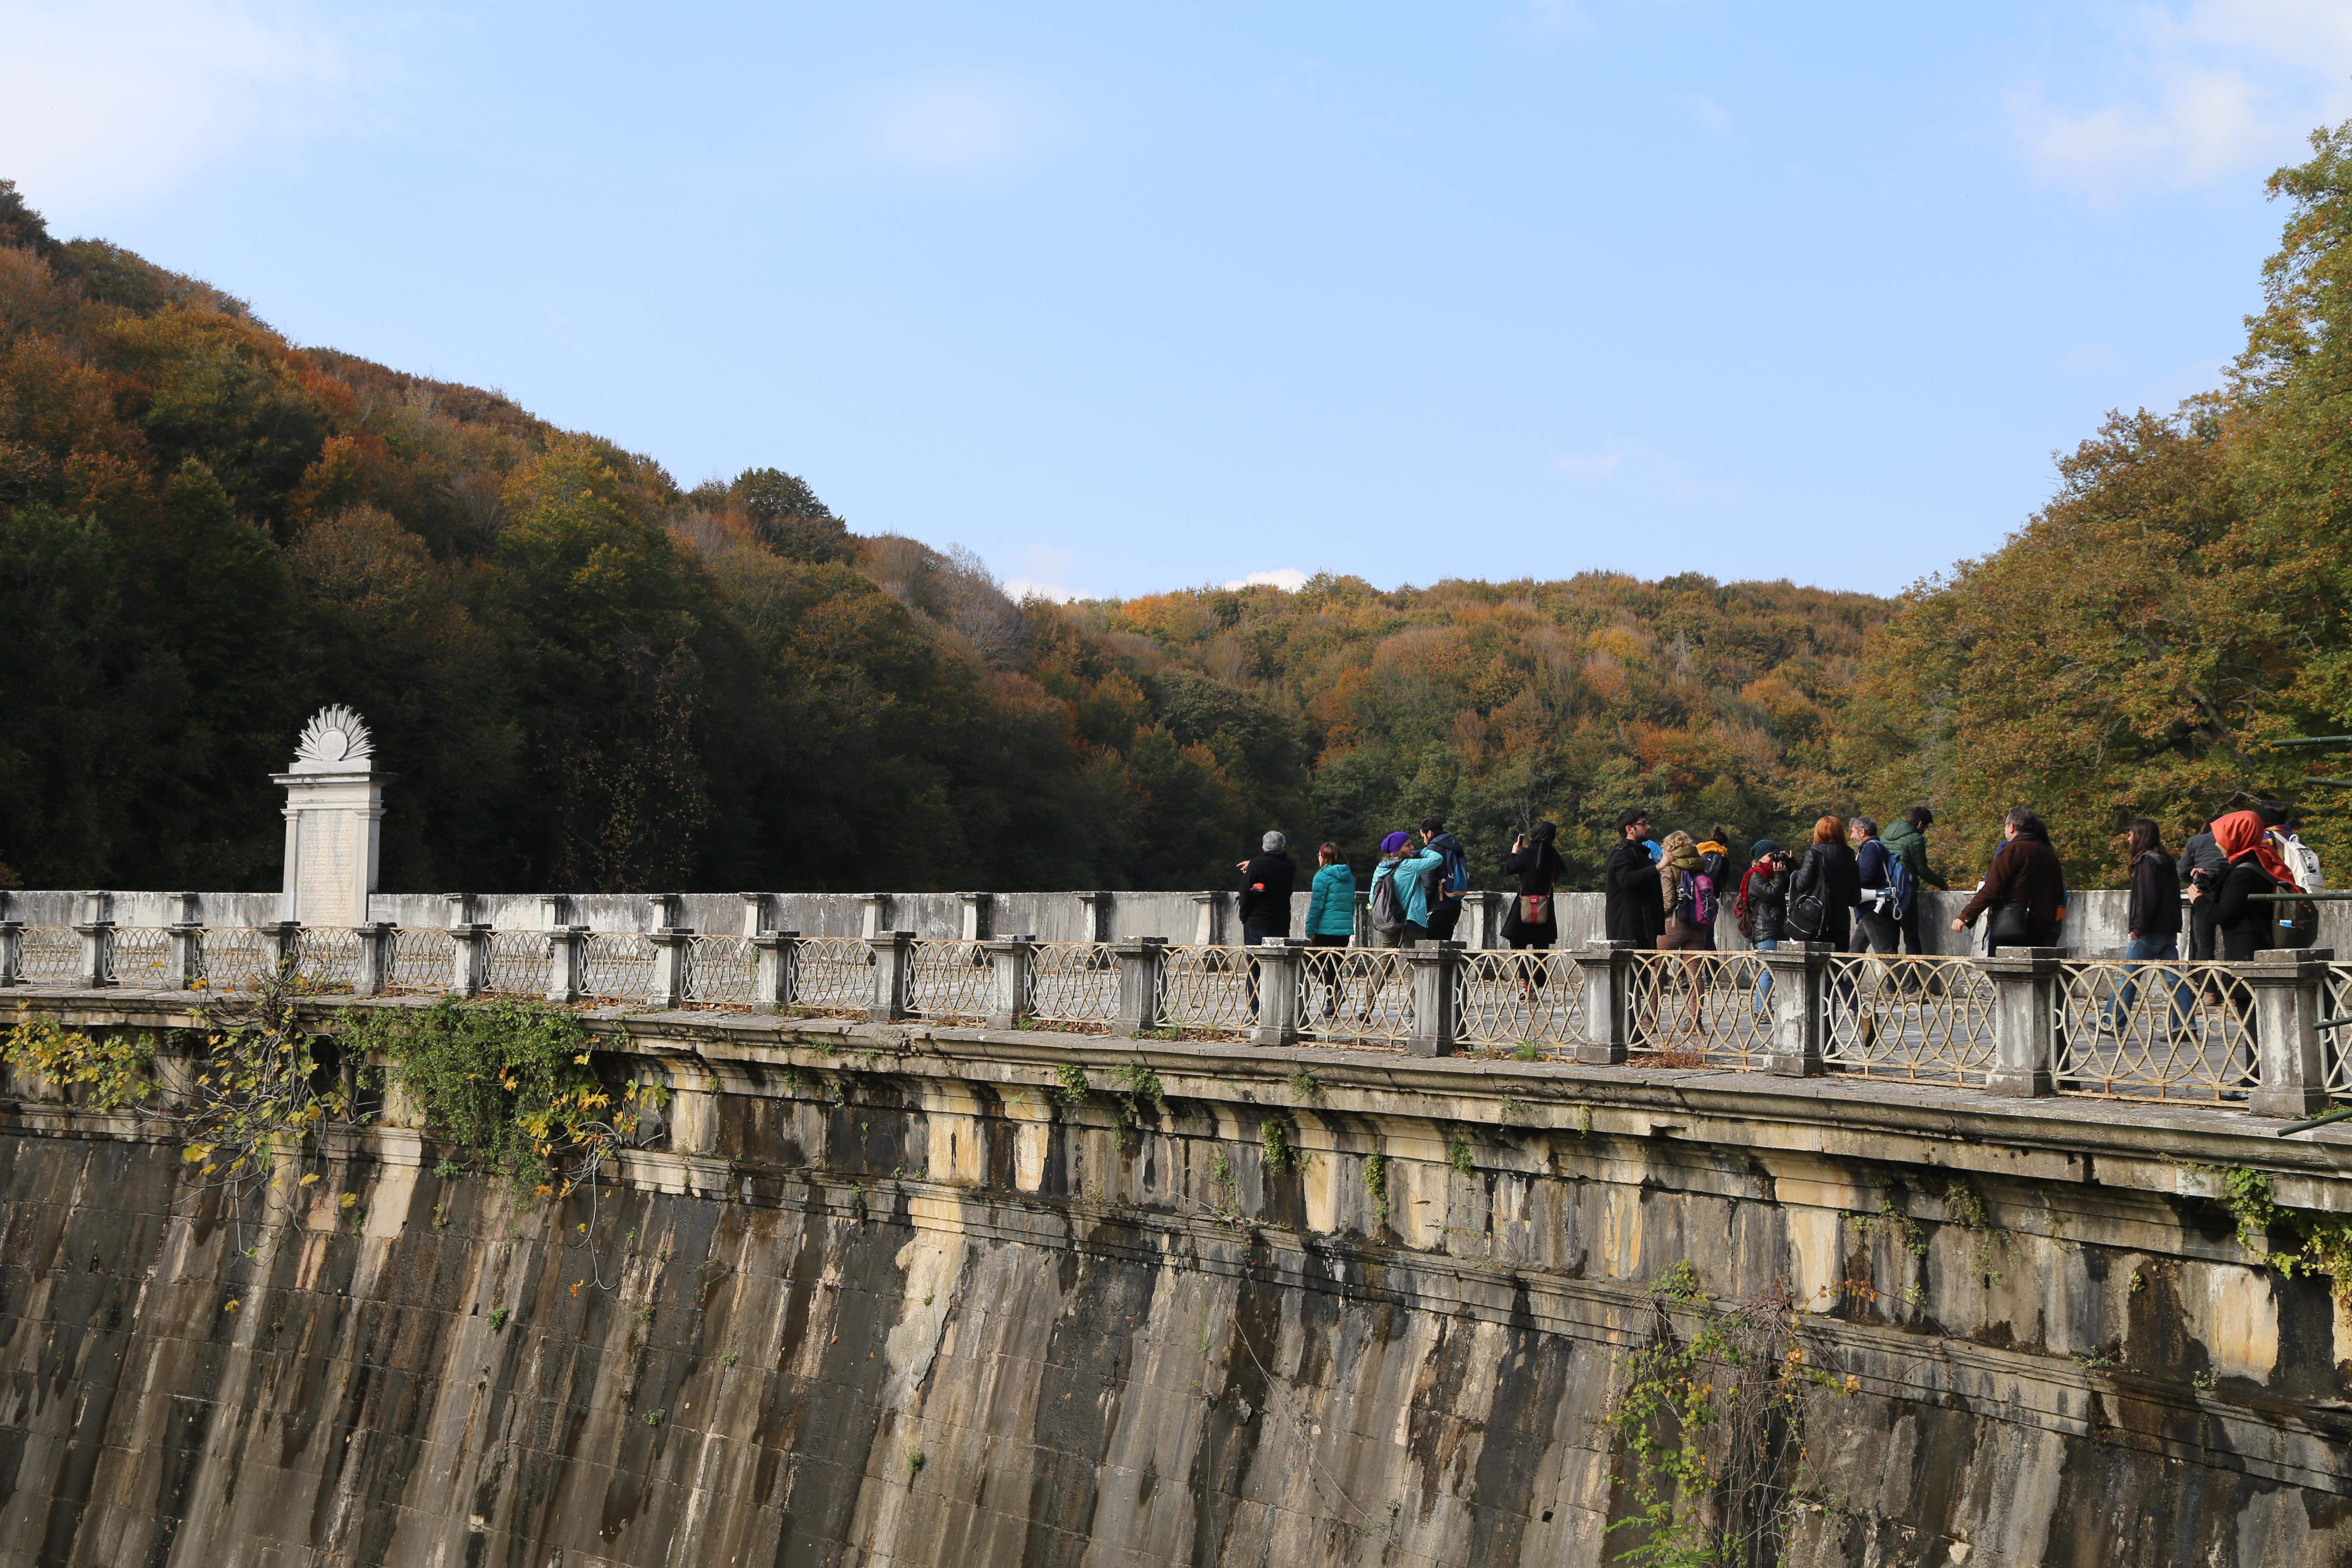 Su yolcuların izinde : Belgrad Ormanı bentler ve su kemerleri gezimiz ardından